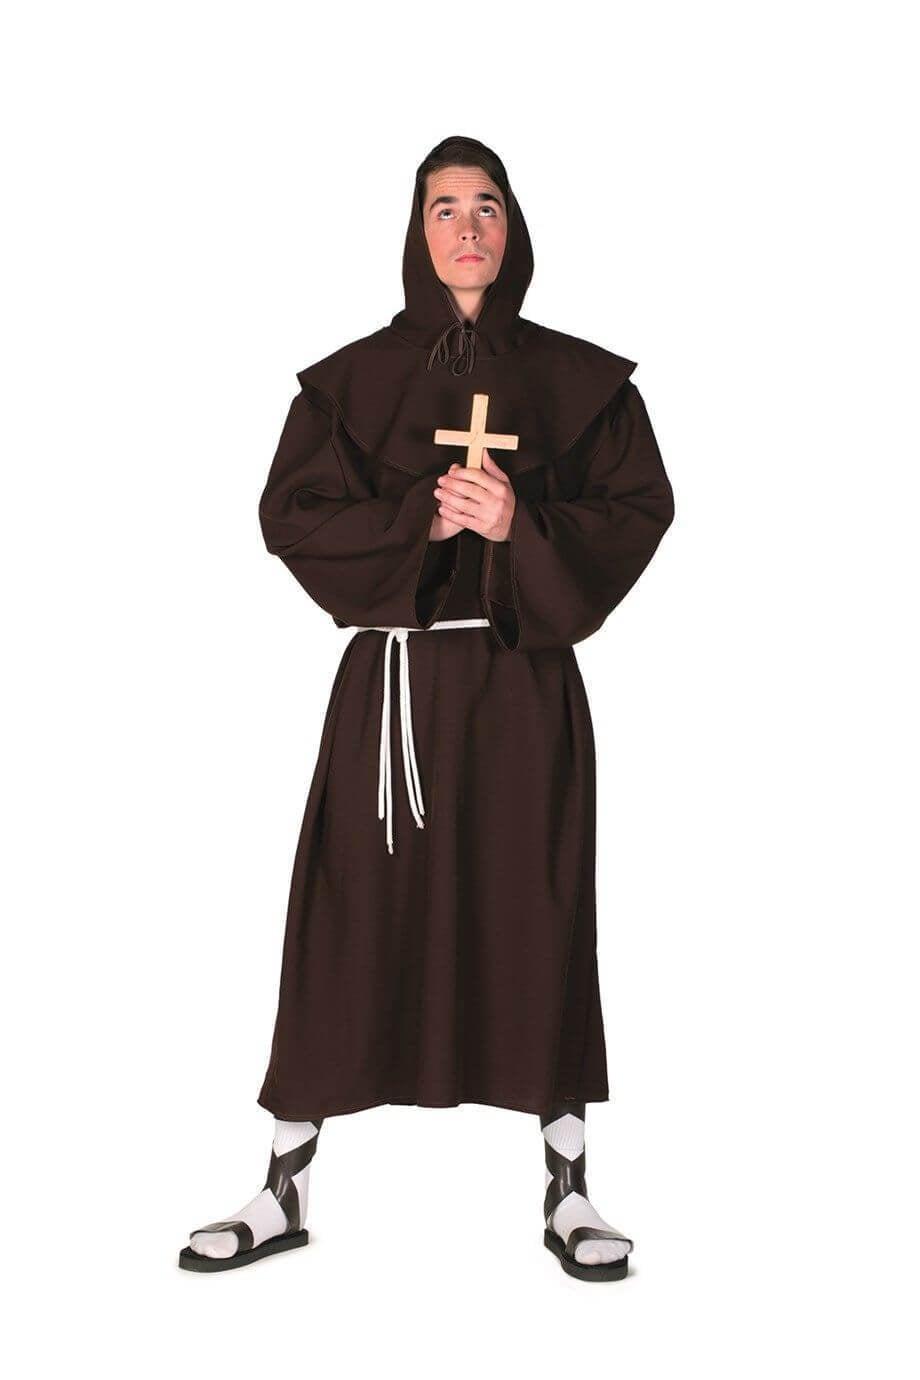 Pater Bruin